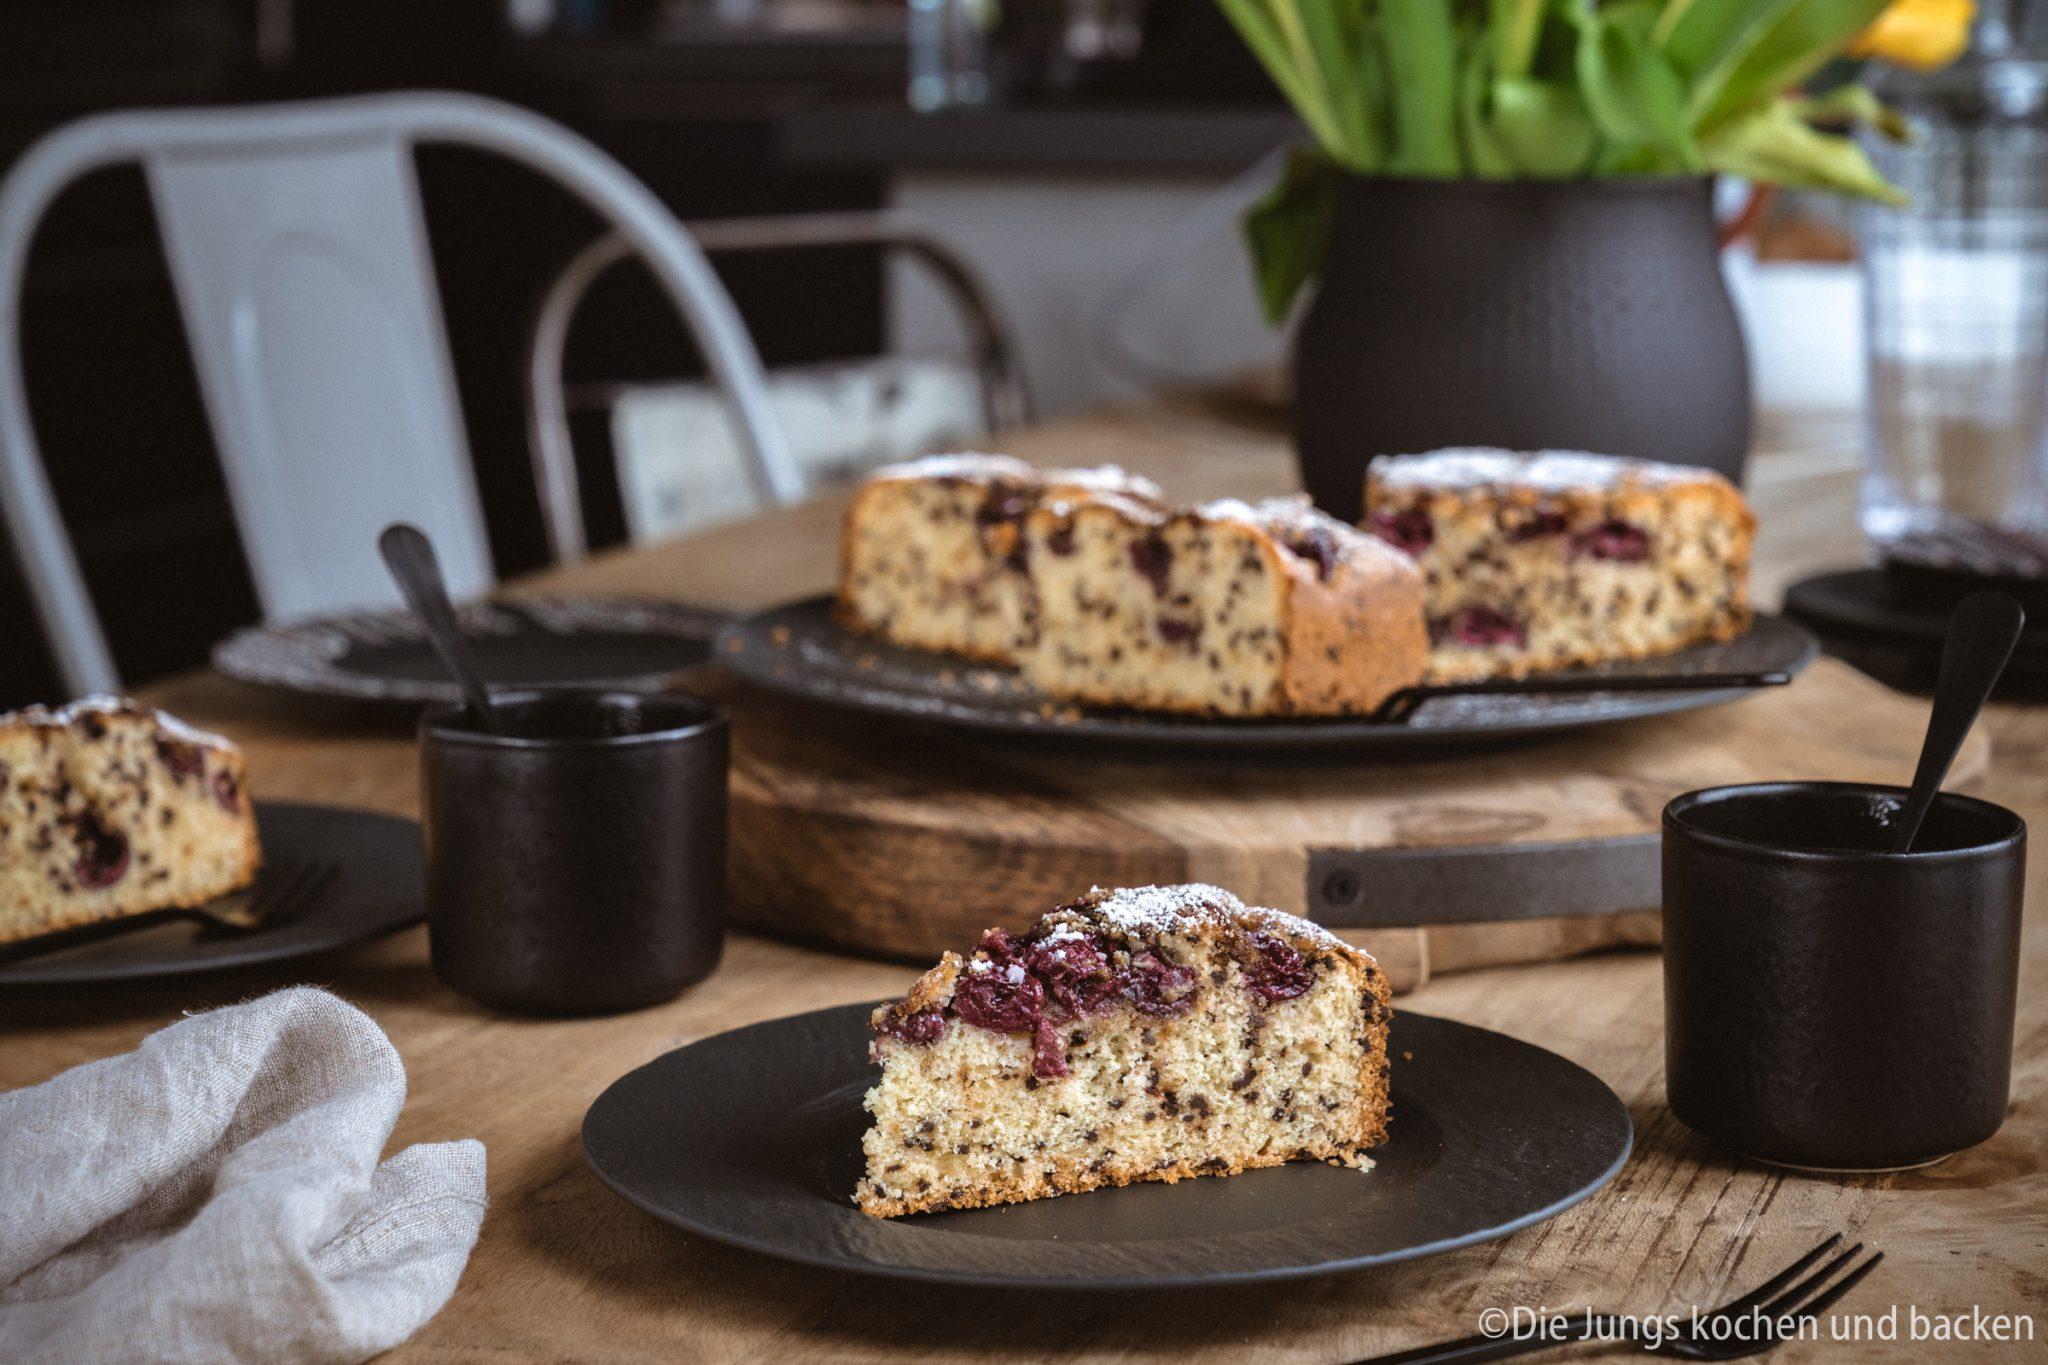 Rezept für einen versenkten Kirschkuchen. Ein schnell und einfach zubereiteter Obstkuchen. Den es immer Sonntags , wenn alle spontan Lust auf Kuchen hatten! #backen #kirschkuchen #rezepte #einfacherezepte